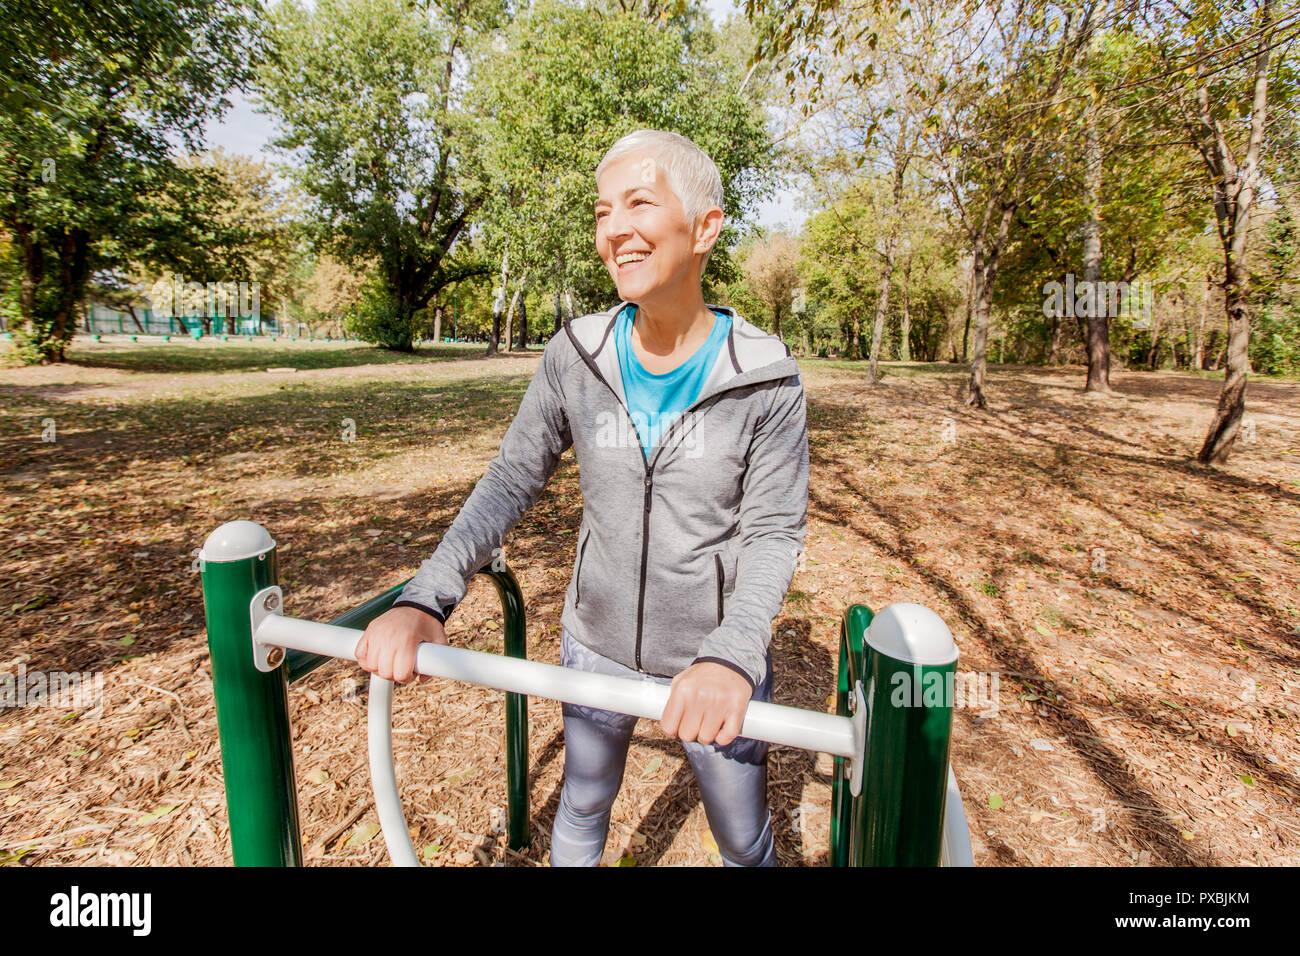 Ältere Frau im Sport Kleidung Ausübung der Outdoor Fitness Park, gesunden Lebensstil reifen Menschen. Stockfoto